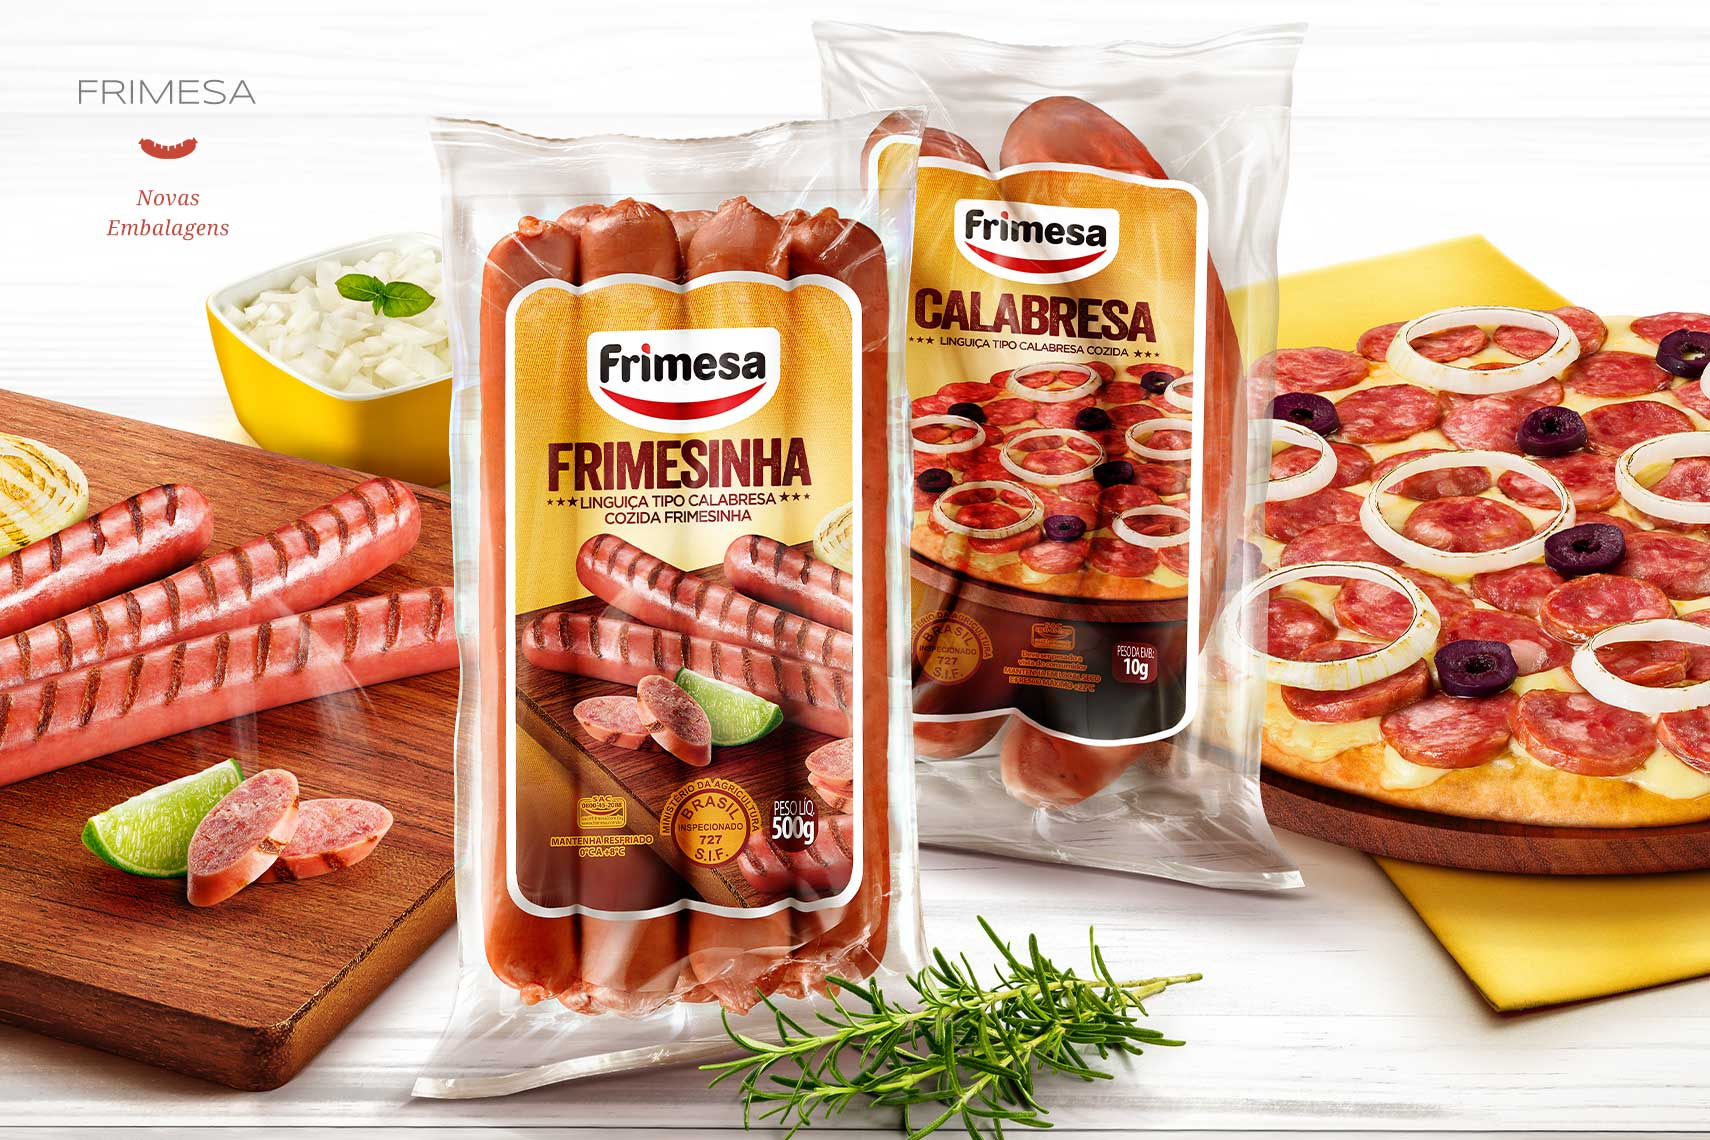 Fotografia de Embalagens de Alimentos